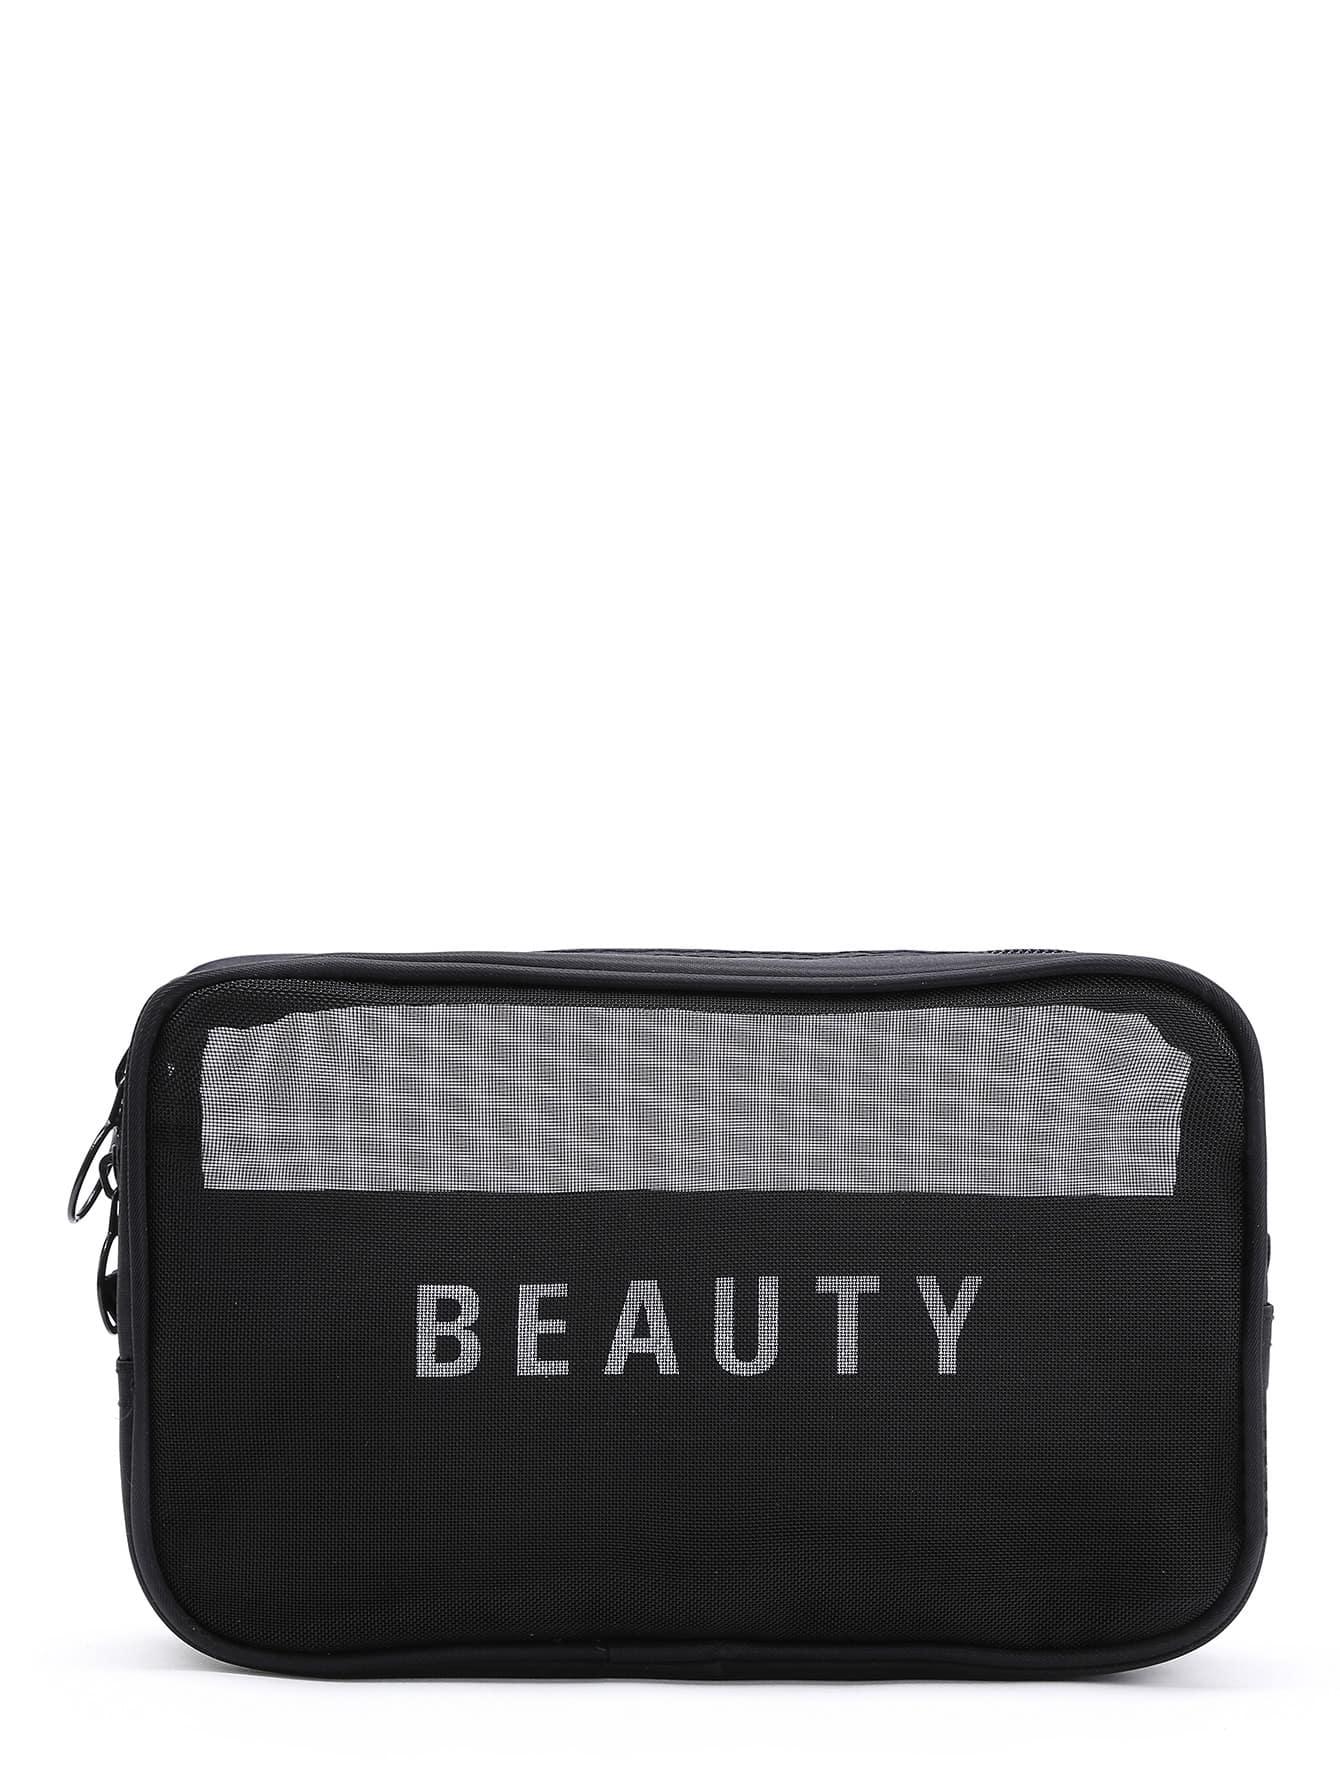 Slogan Print Mesh Cosmetic Bag